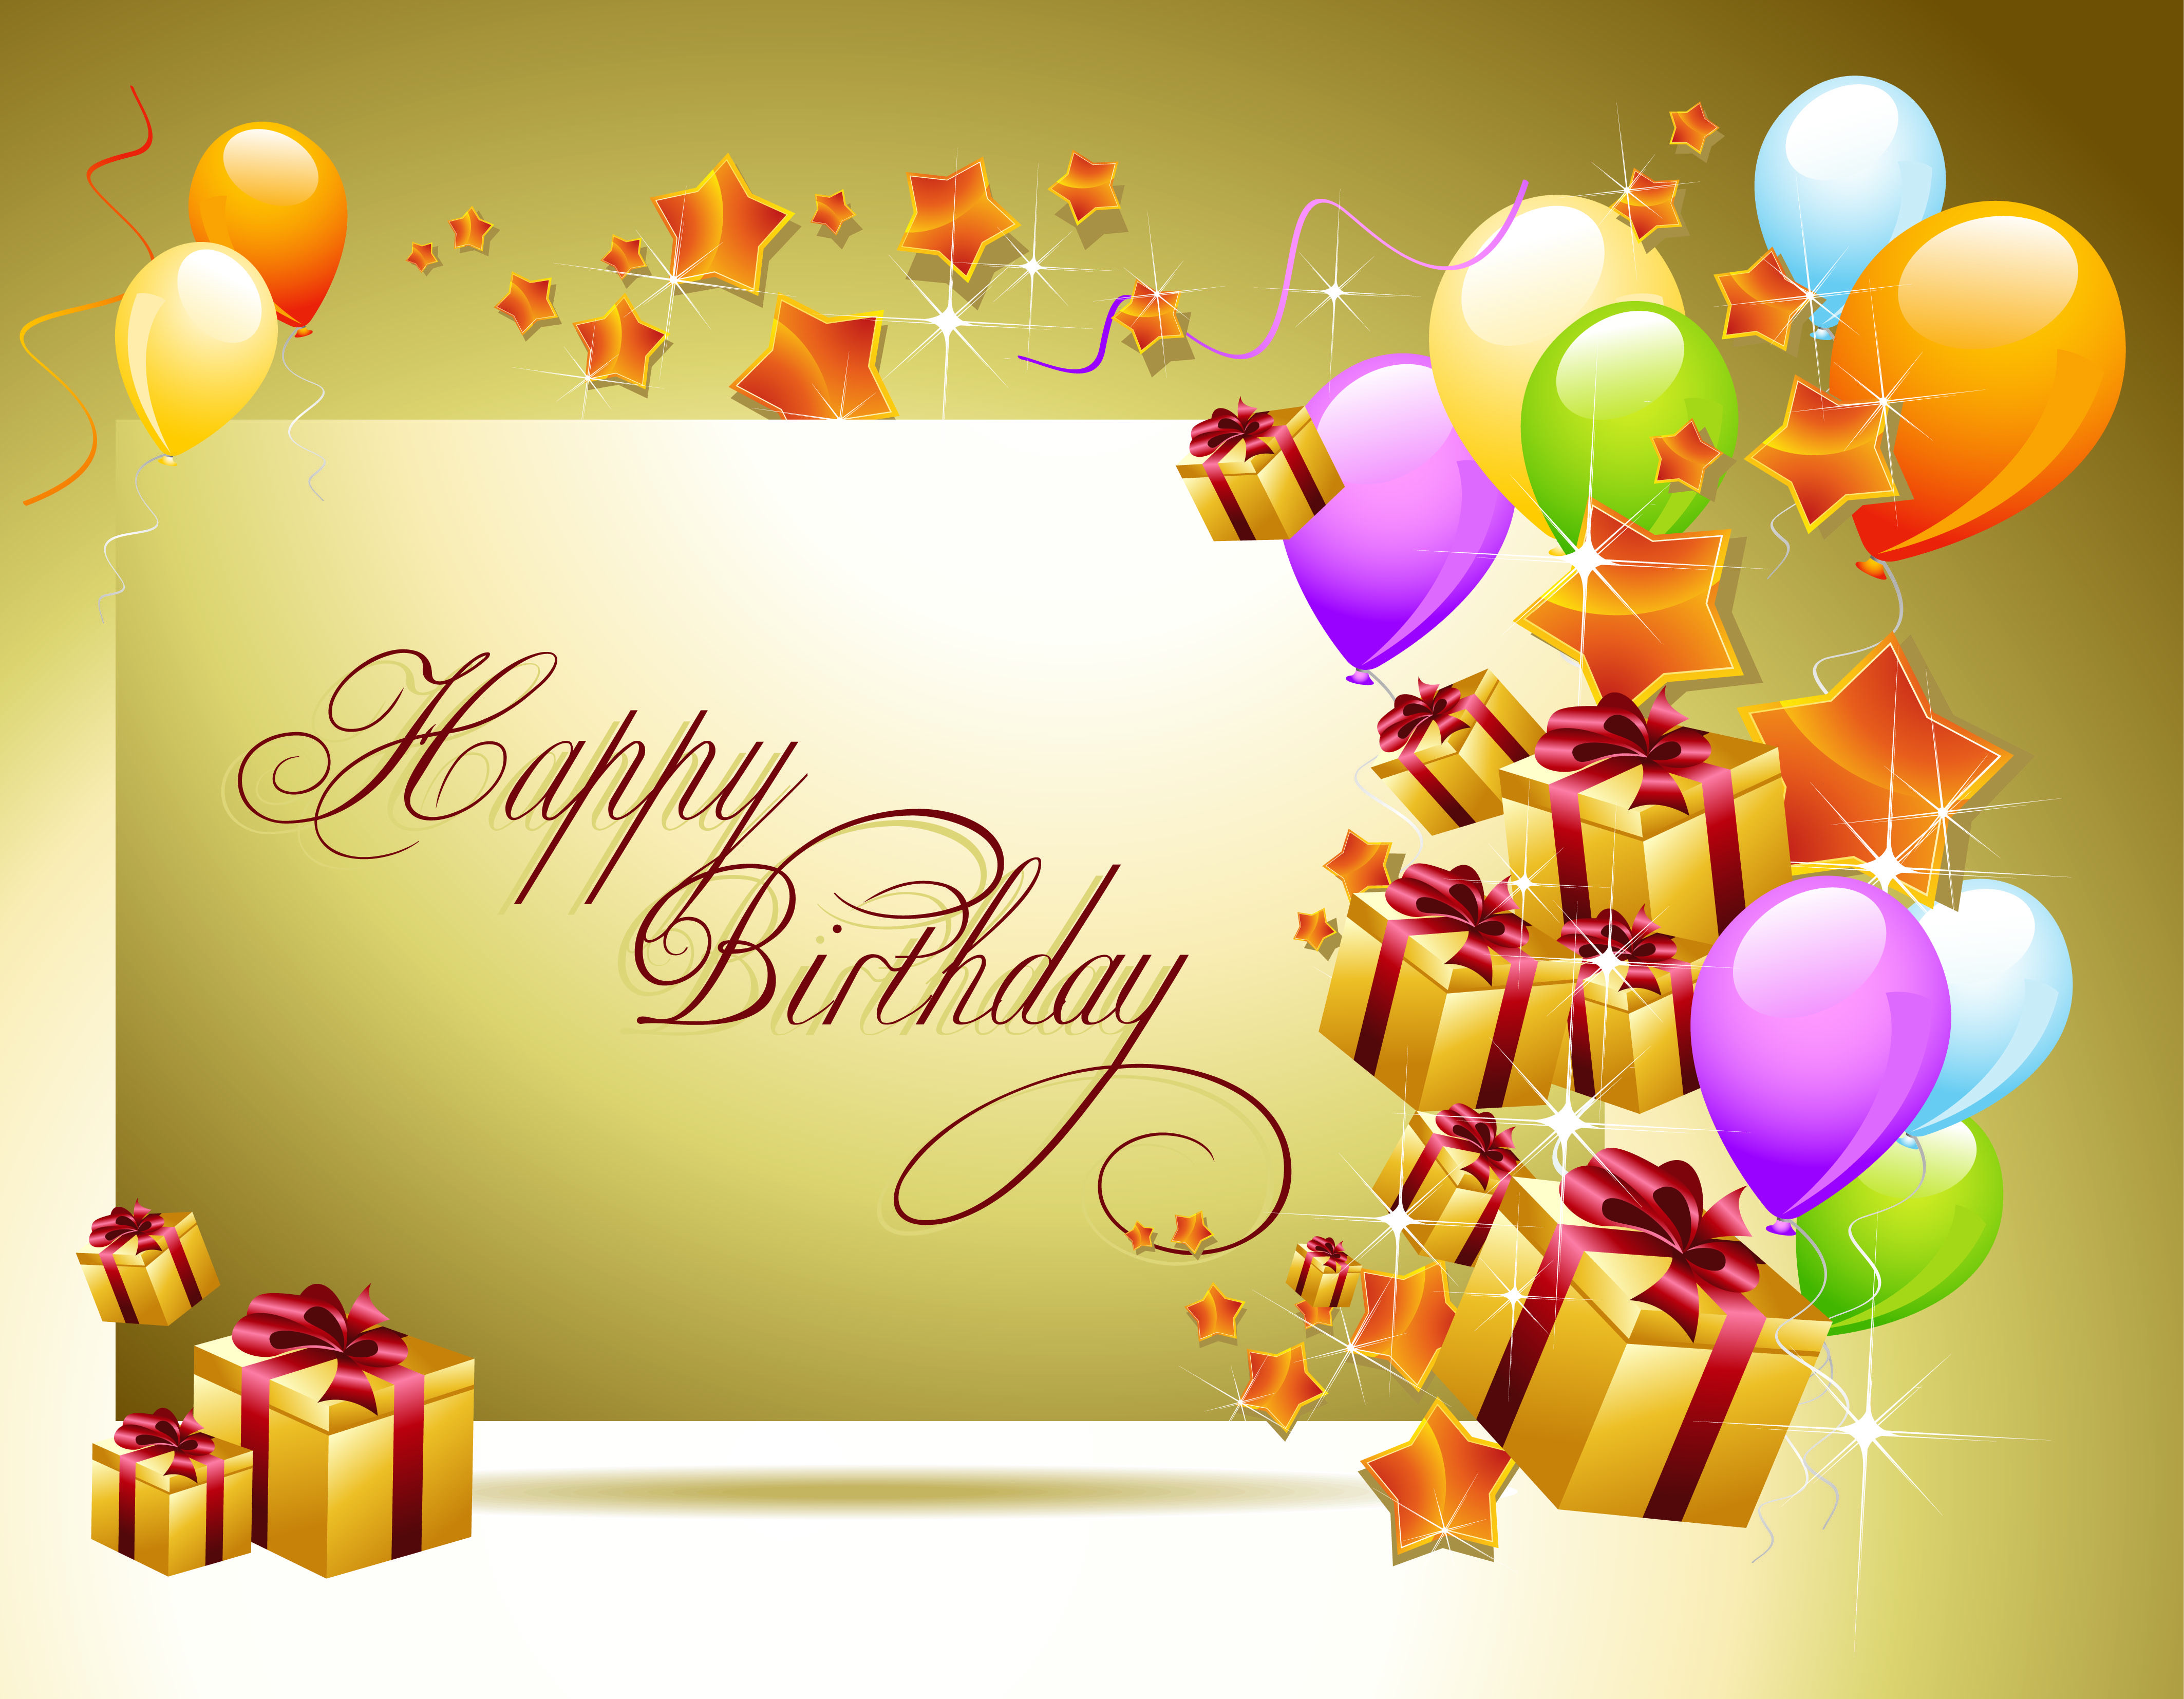 Birthday Wallpaper Background Kartu Selamat Ulang Tahun Keinginan Ulang Tahun Gambar Selamat Ulang Tahun